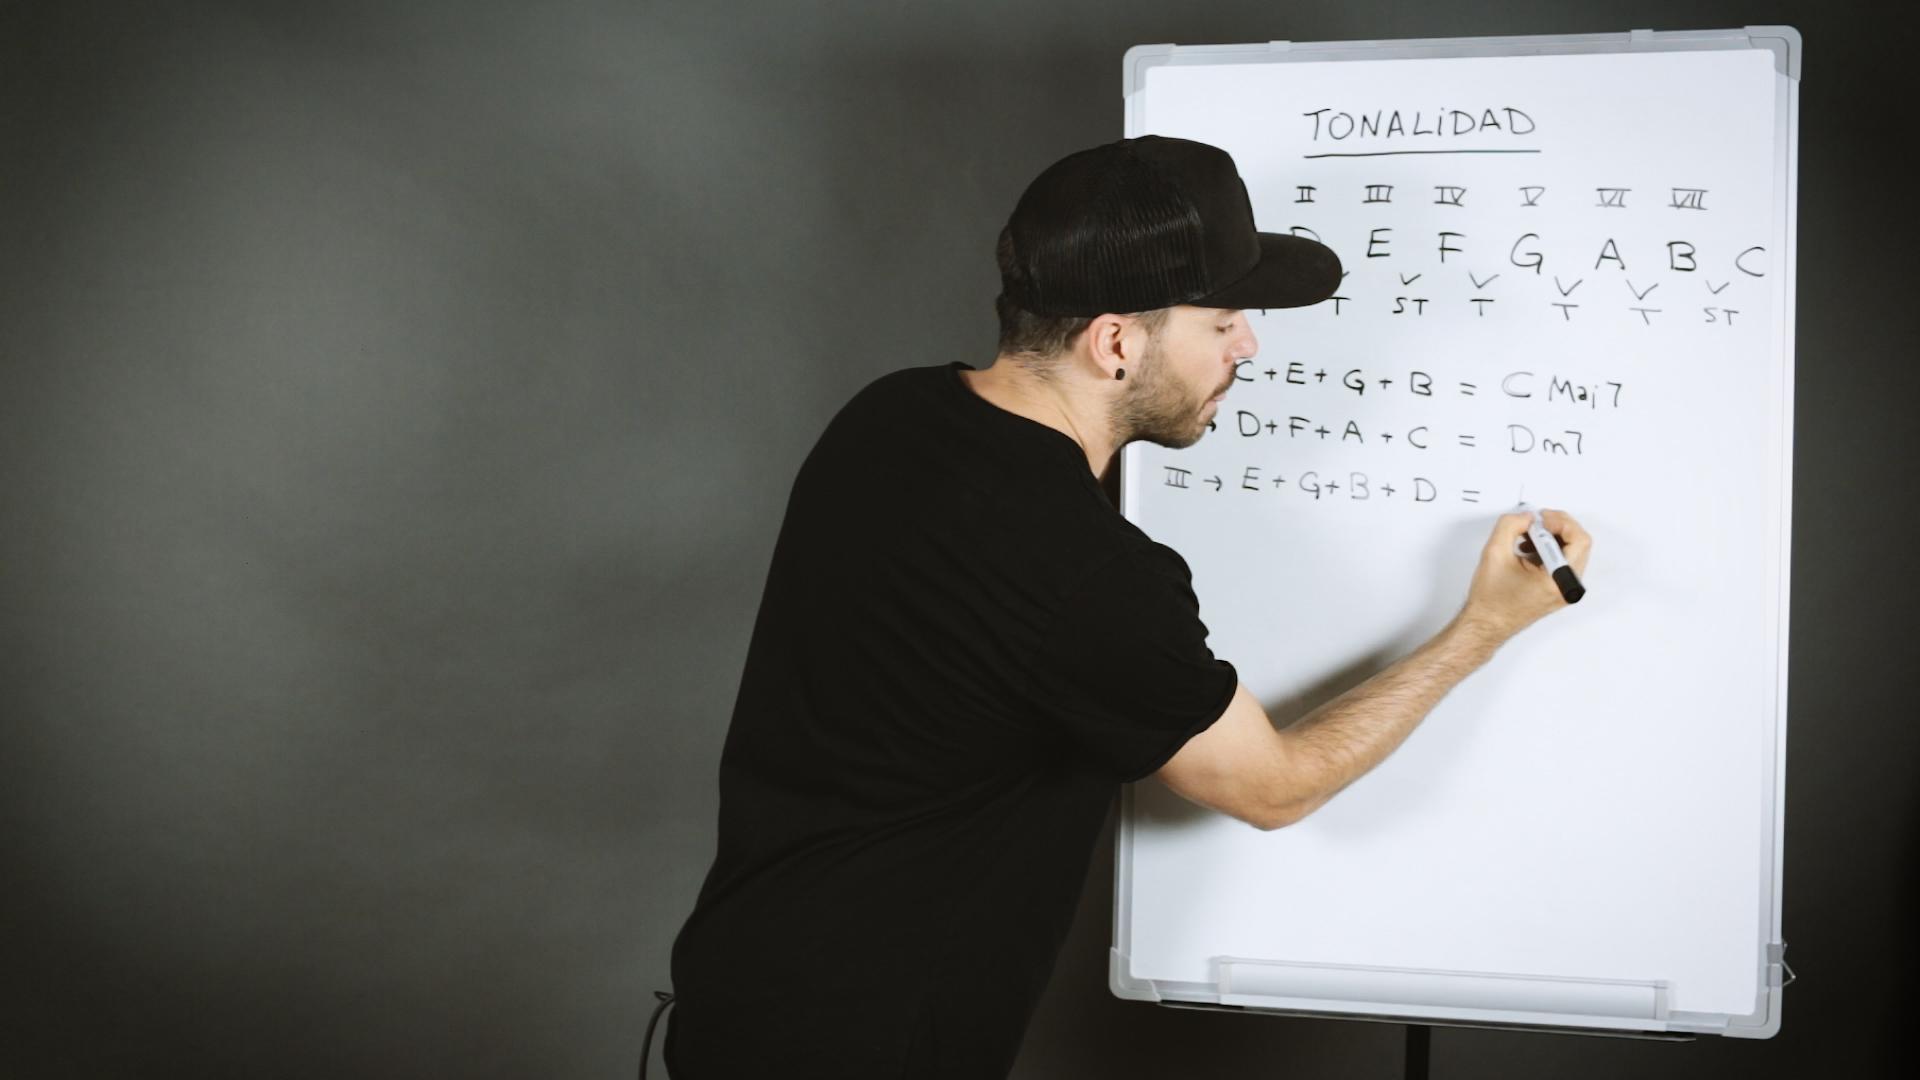 La tonalidad: explicación teórica (parte 2)